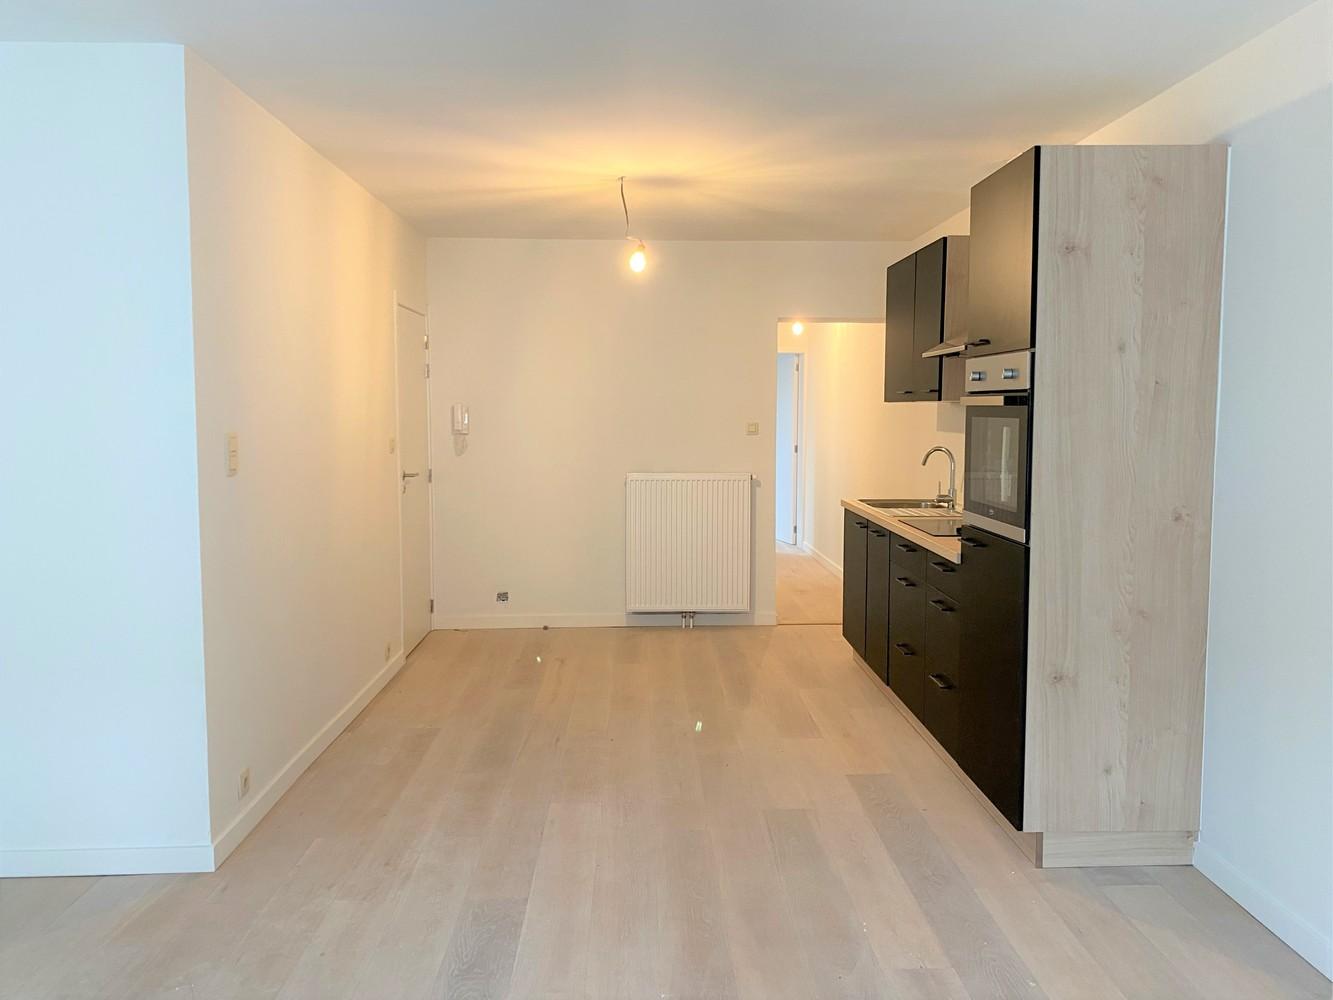 Volledig gerenoveerd appartement met 2 slk op centrale locatie in Borgerhout afbeelding 5